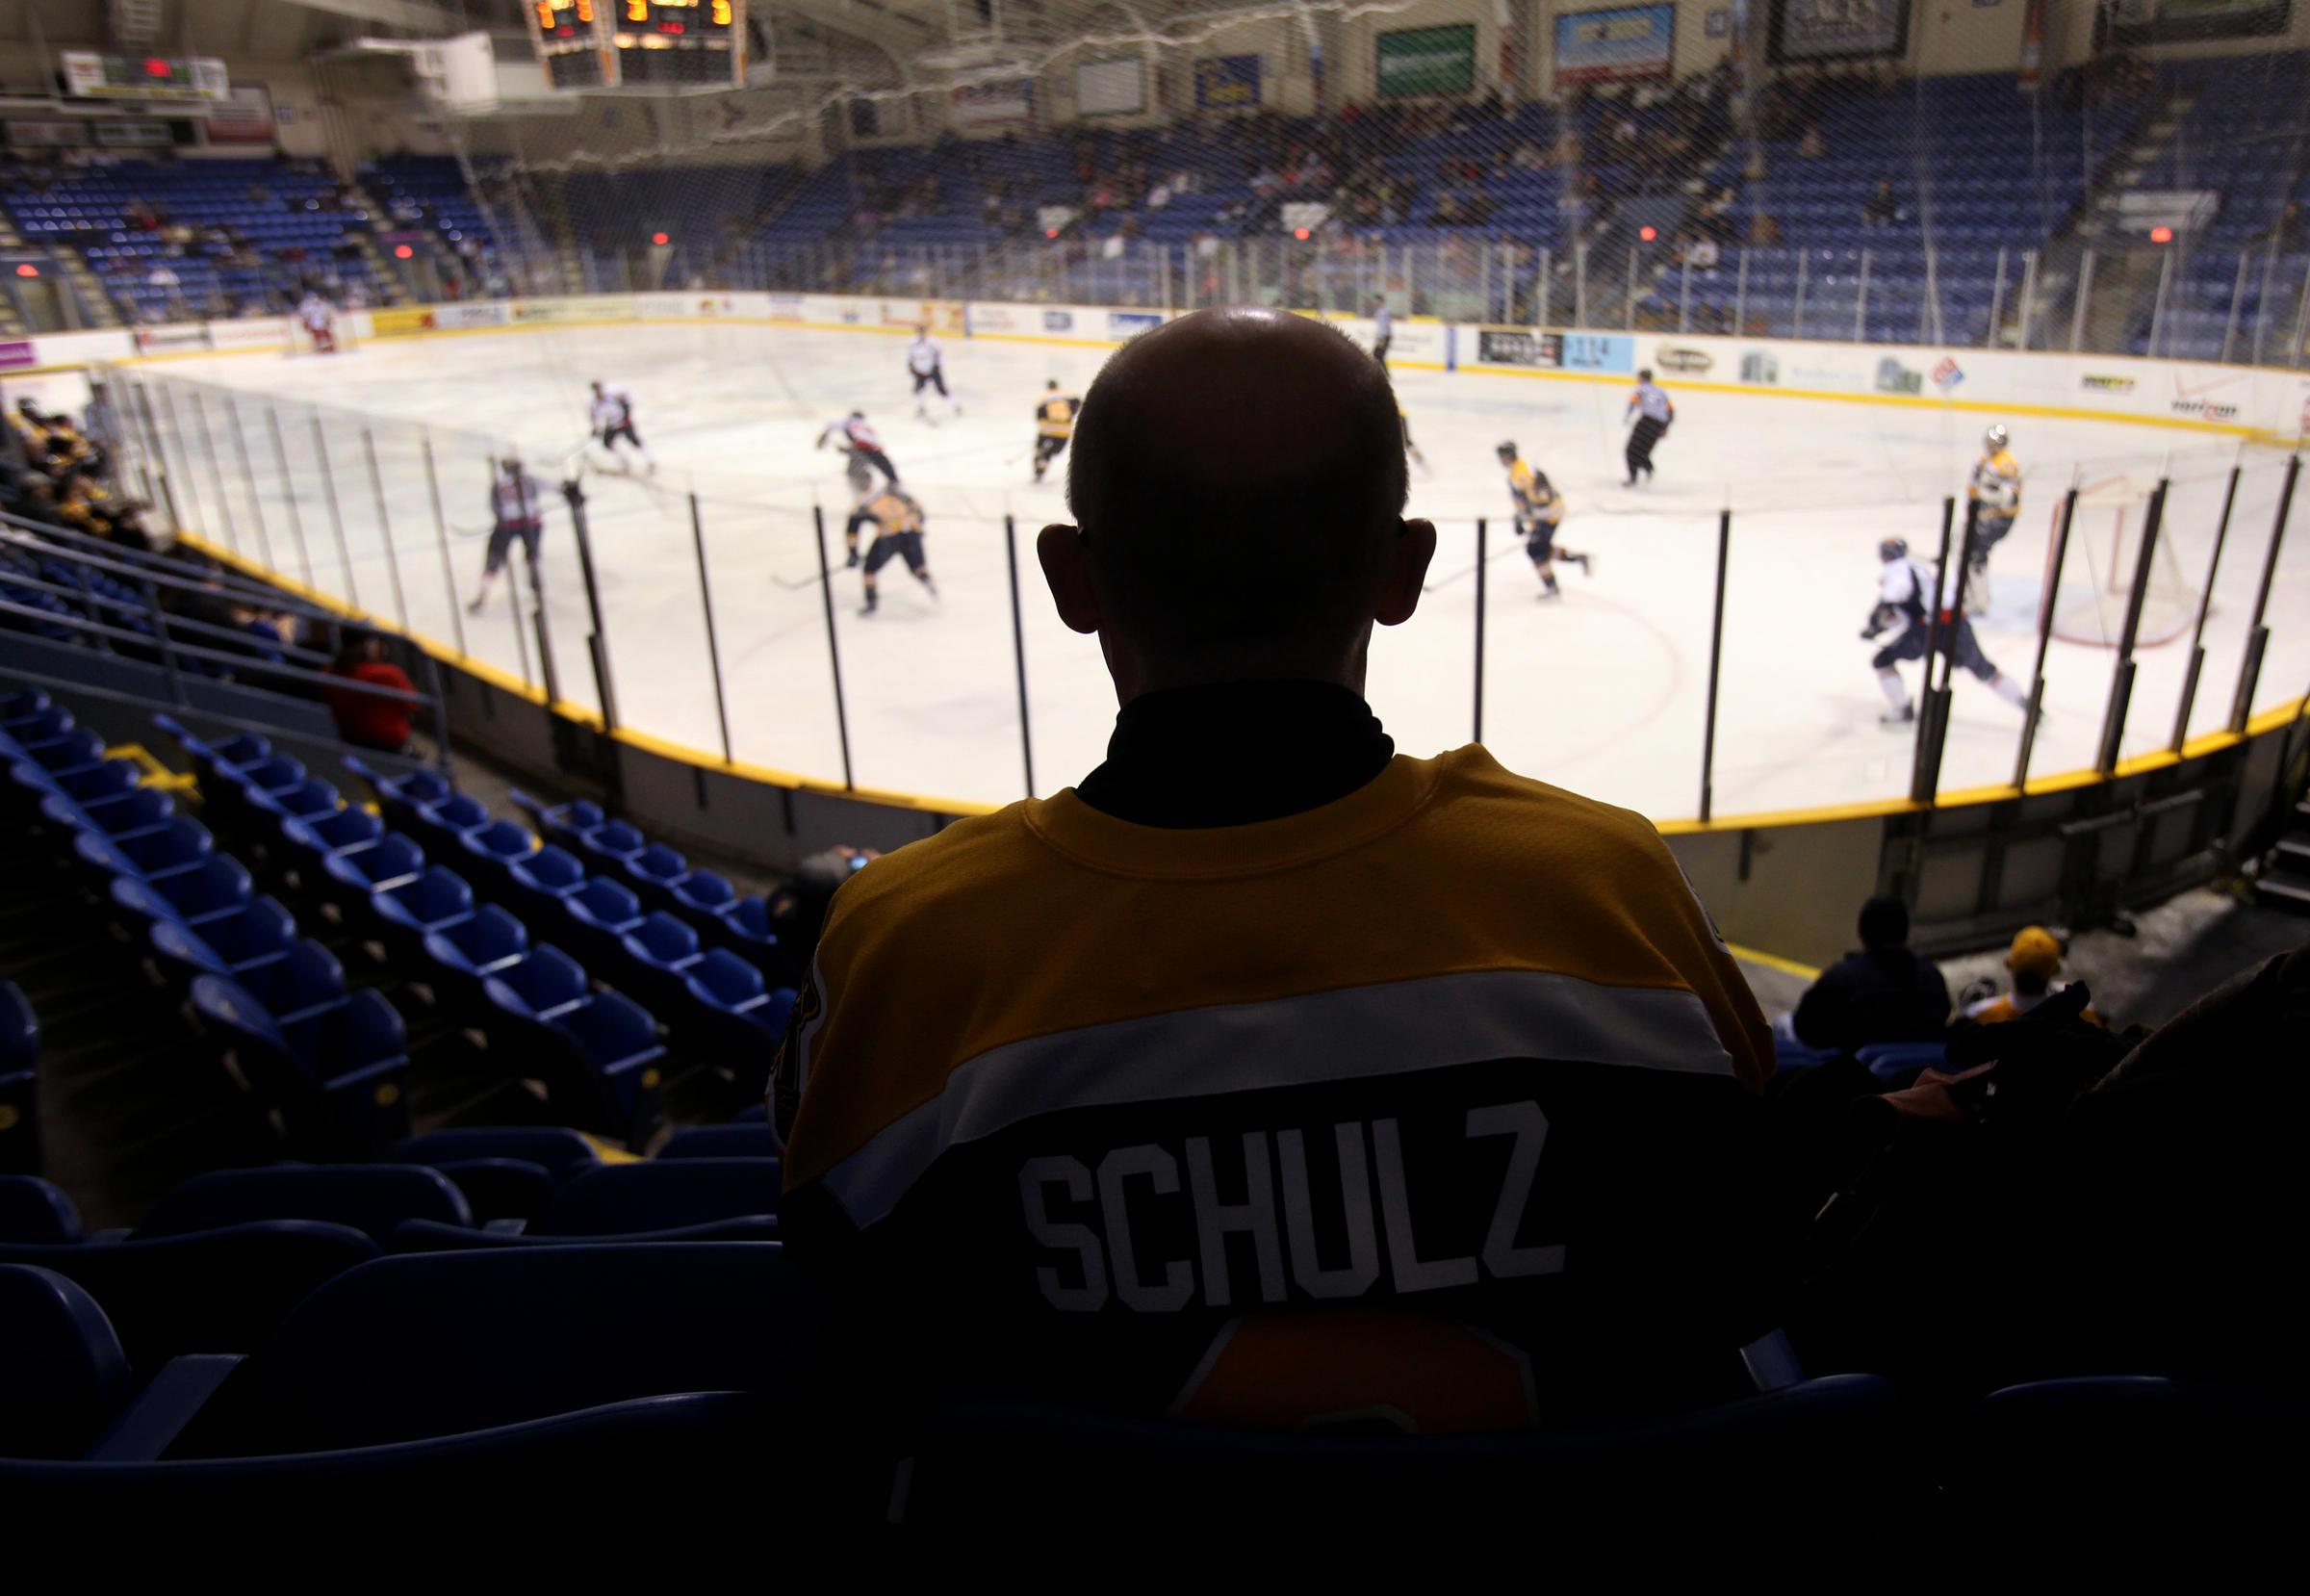 Bank Renames Johnstown Hockey Rink Used In Slap Shot